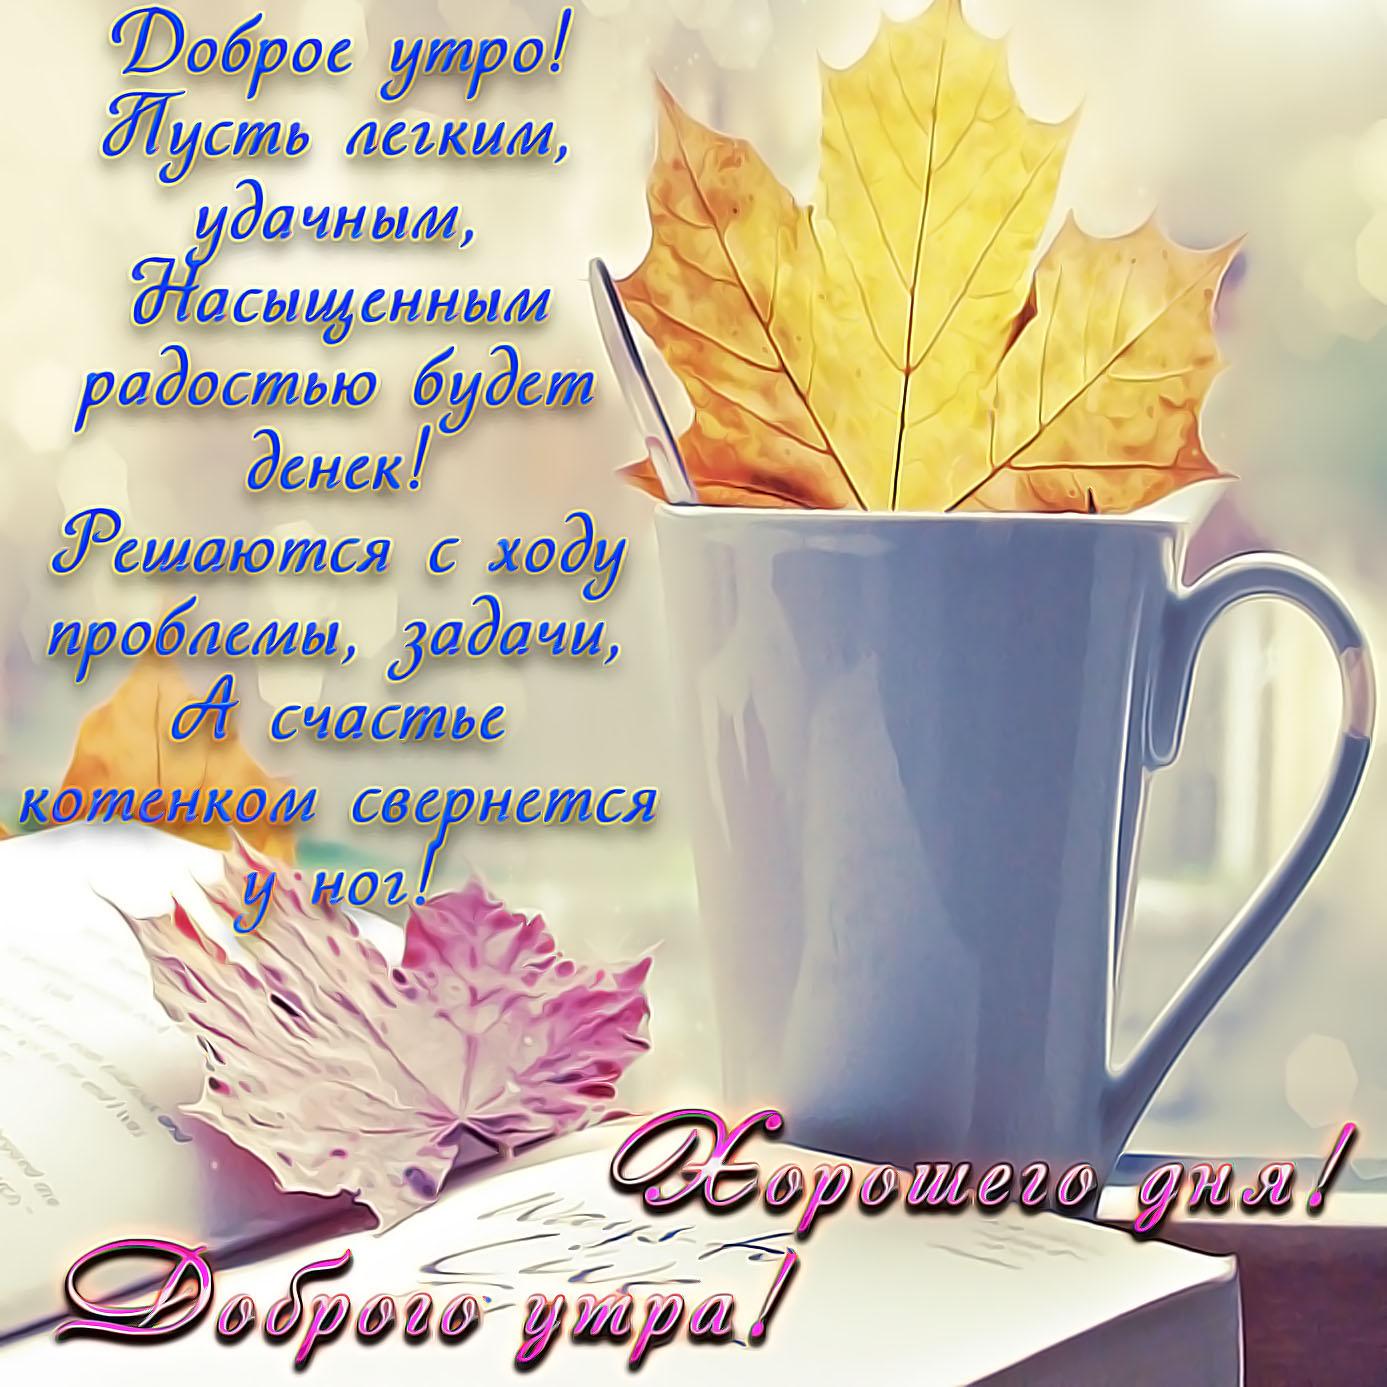 Картинка с пожеланием доброго утра в стихах